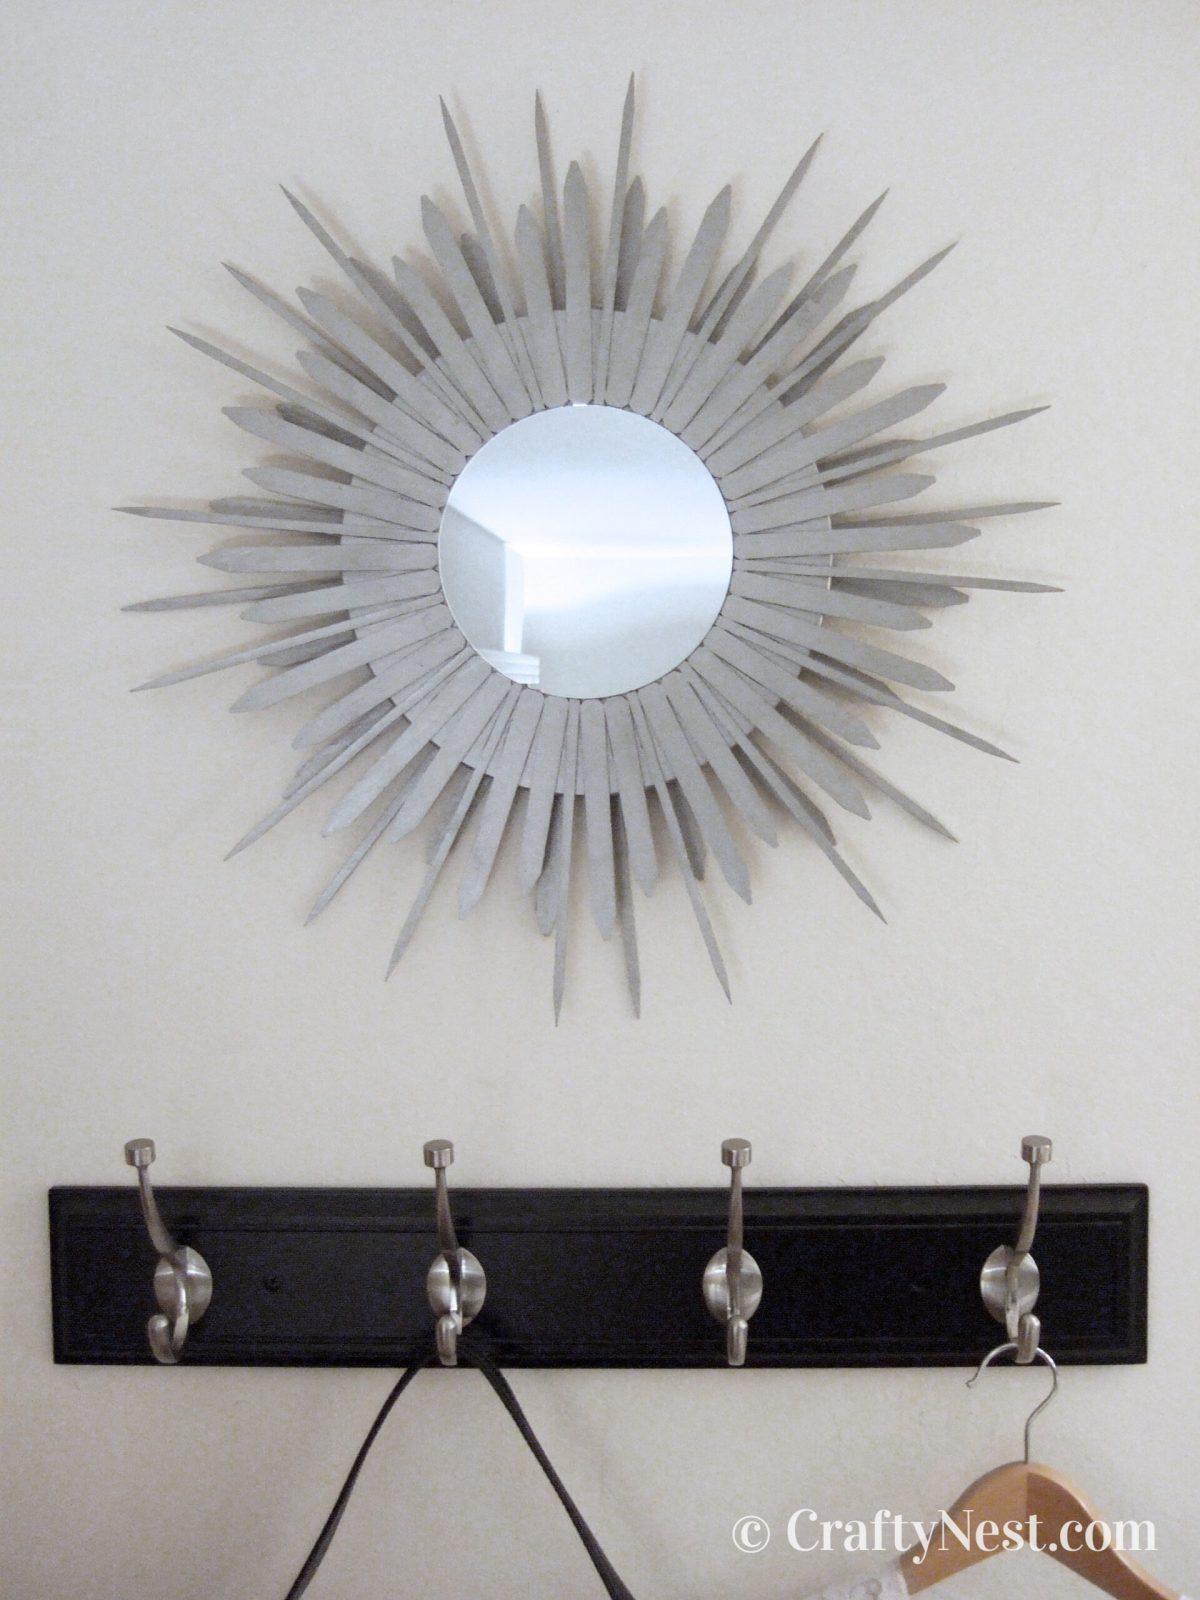 DIY starburst mirror, photo